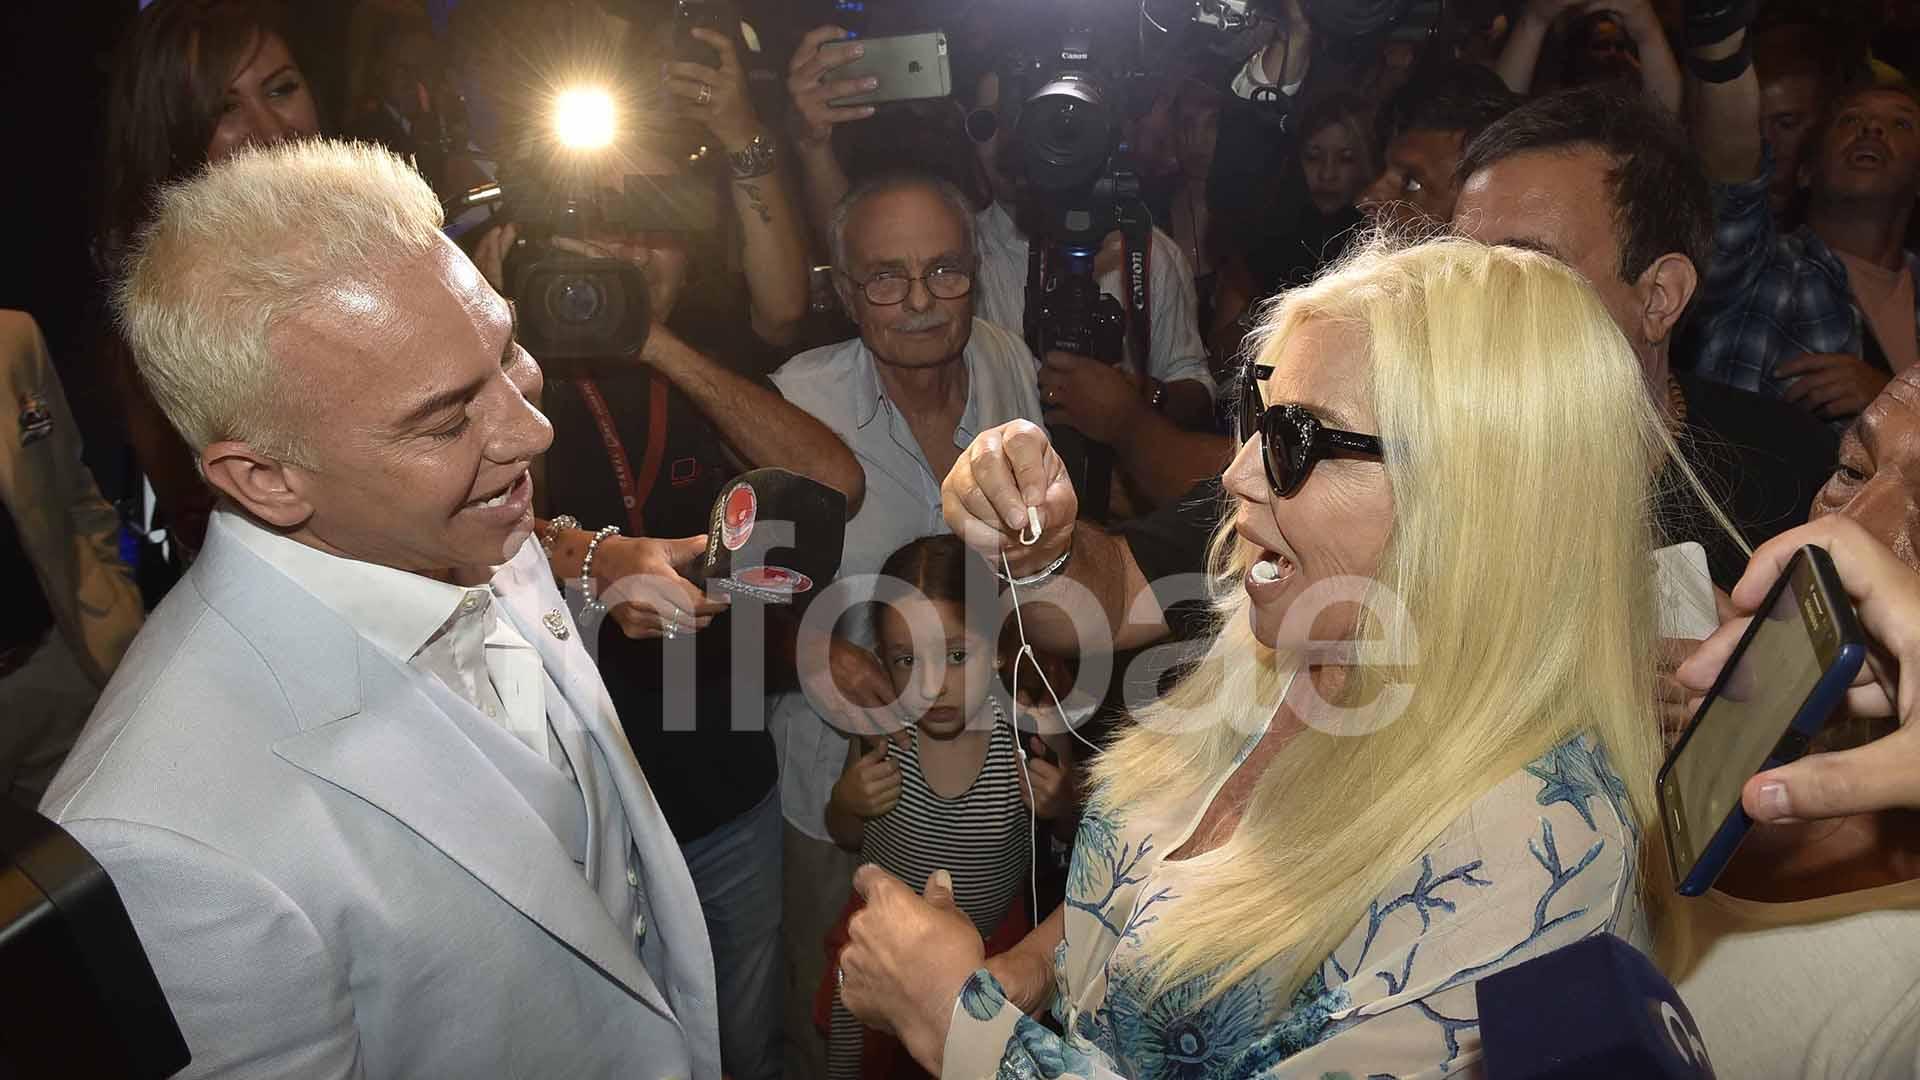 El saludo frente a las cámaras entre Flavio Mendoza y Susana Giménez